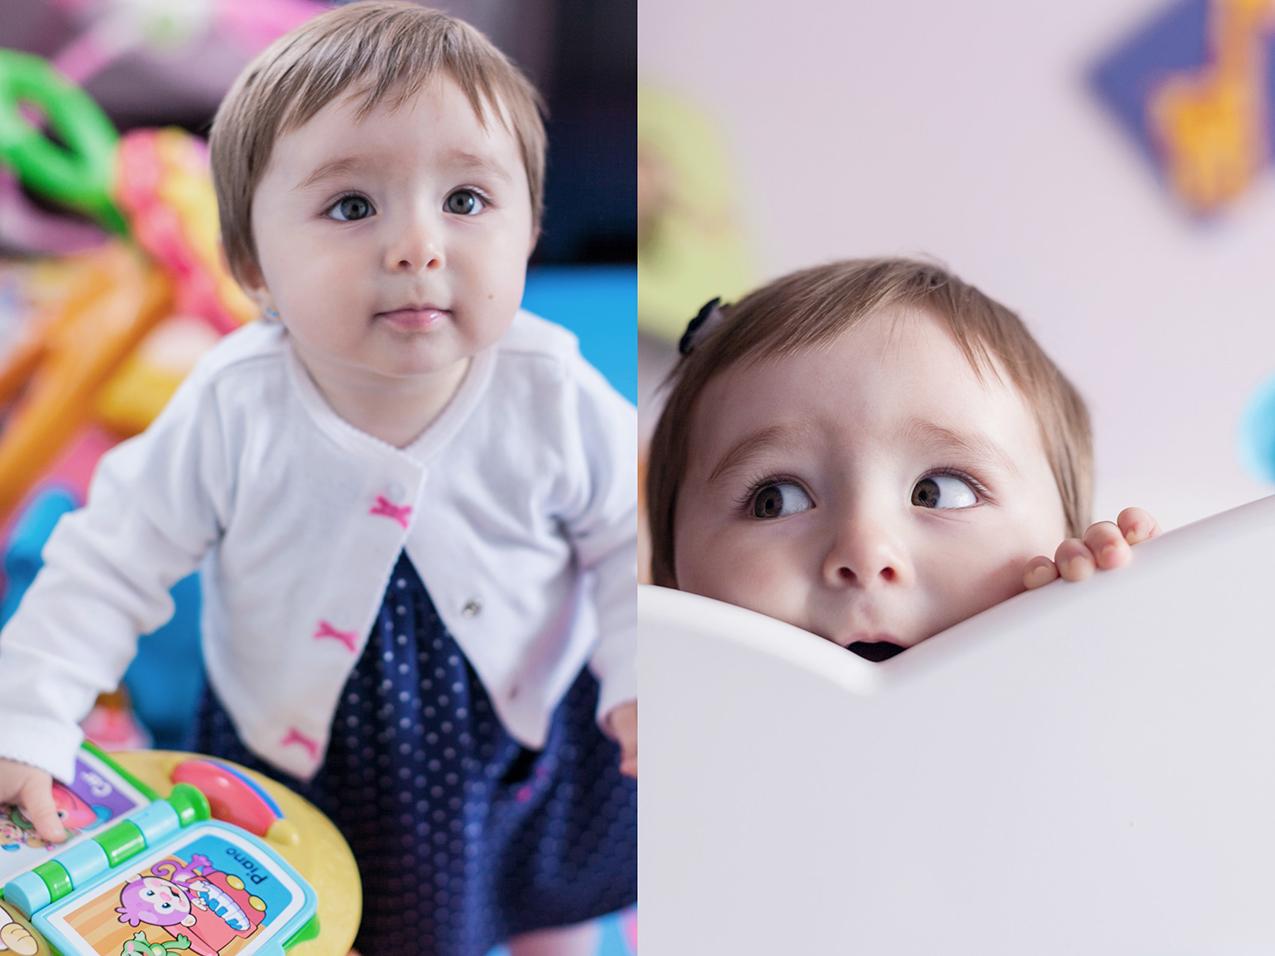 51fotografia-de-niños-bebes-recien-nacido-embarazo-retratos.jpg